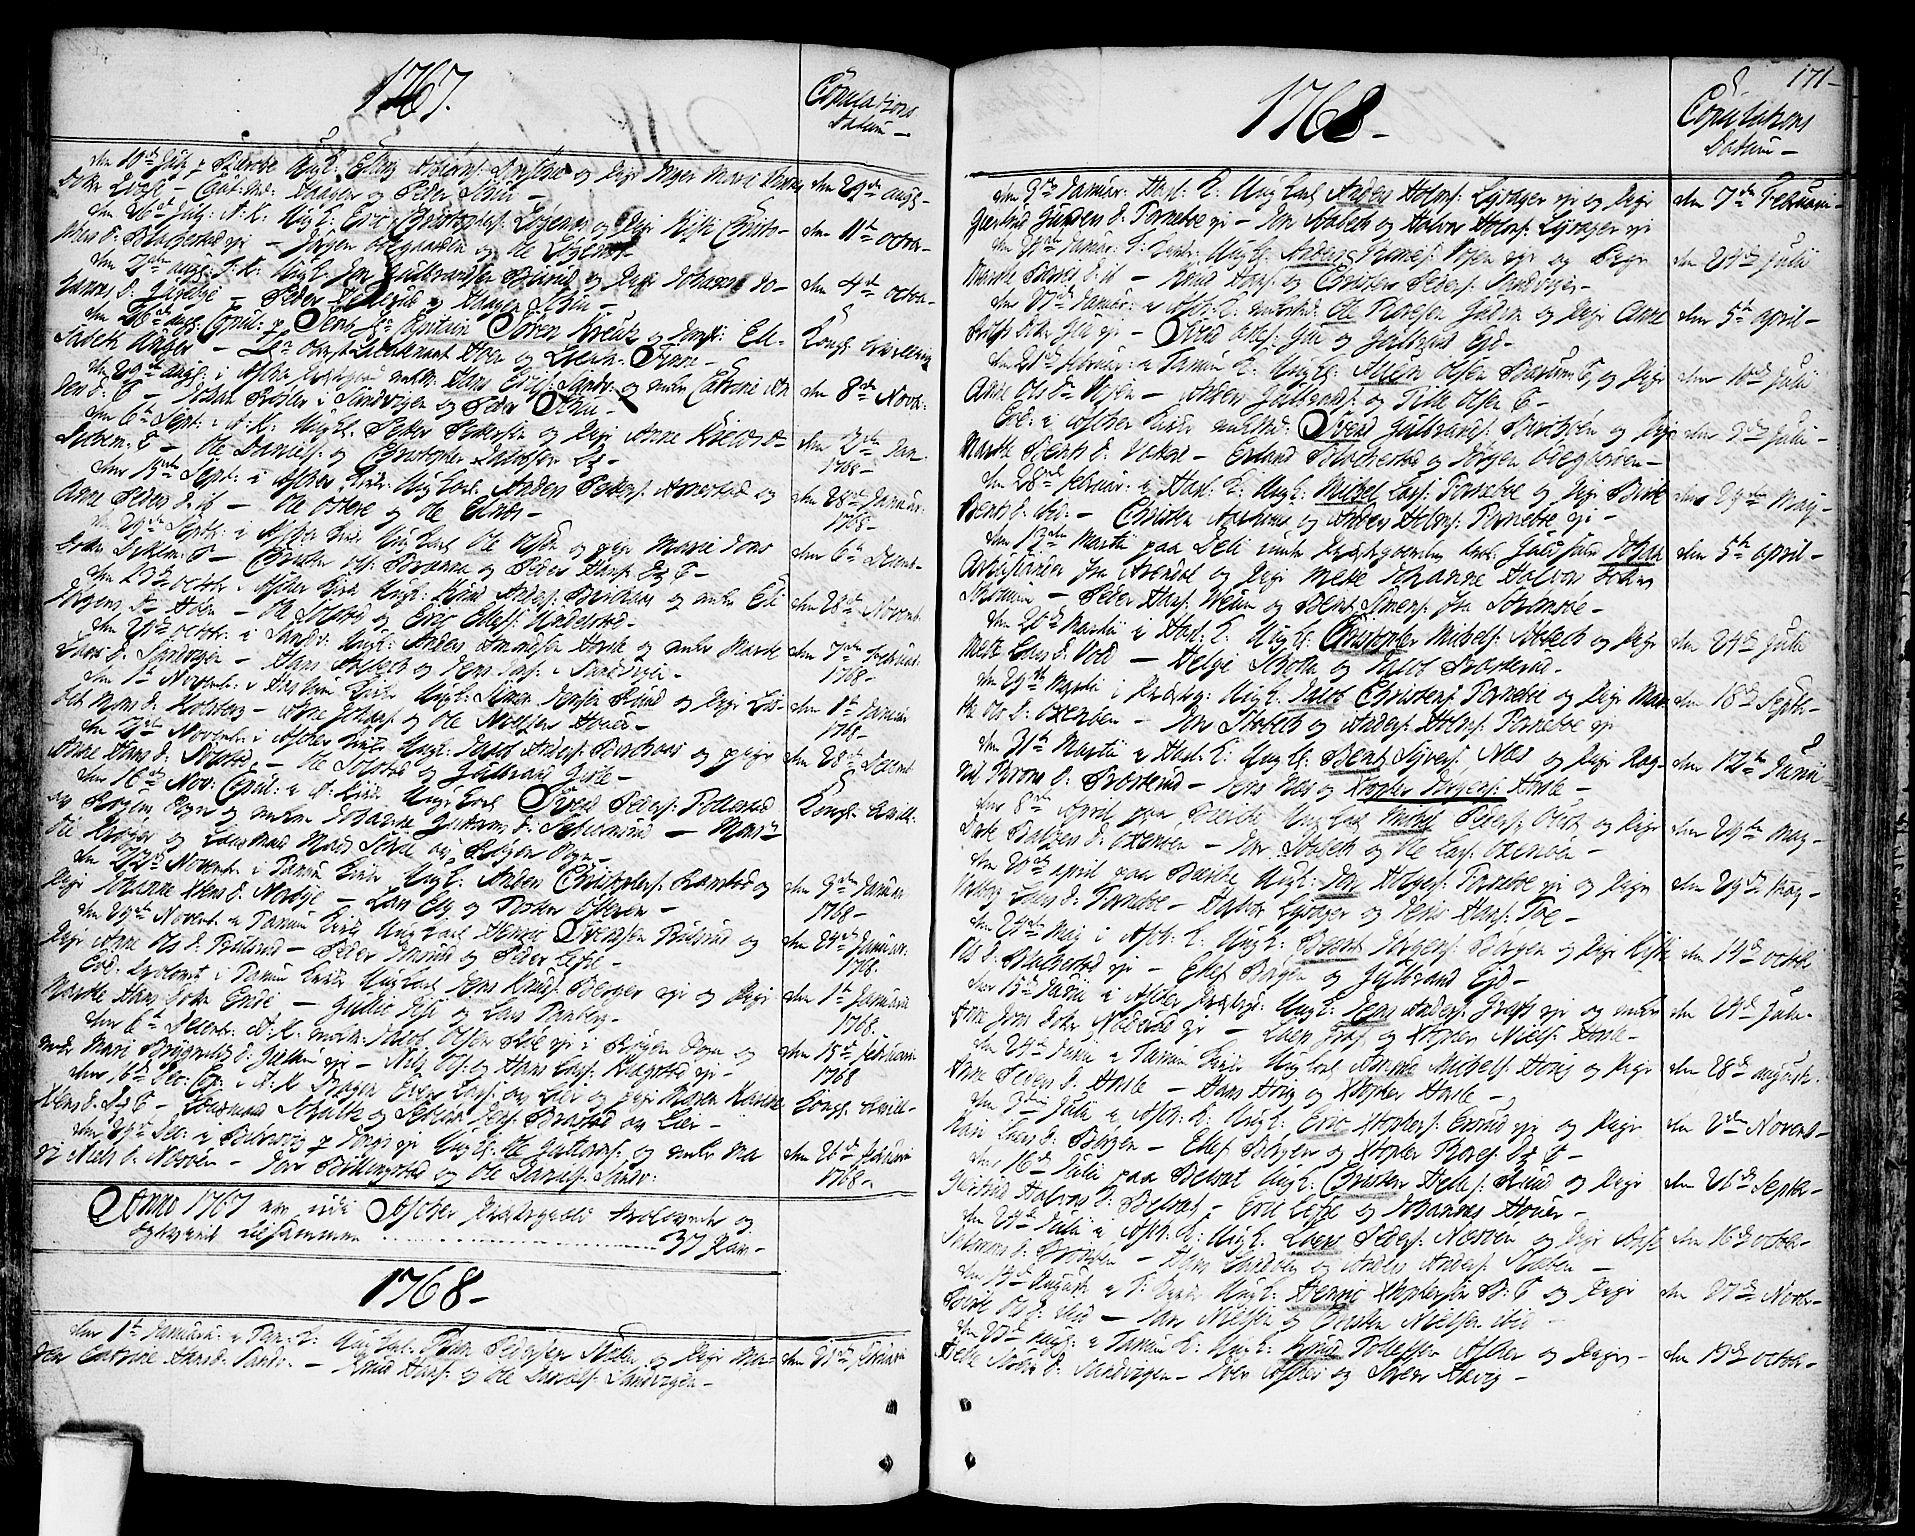 SAO, Asker prestekontor Kirkebøker, F/Fa/L0003: Ministerialbok nr. I 3, 1767-1807, s. 171